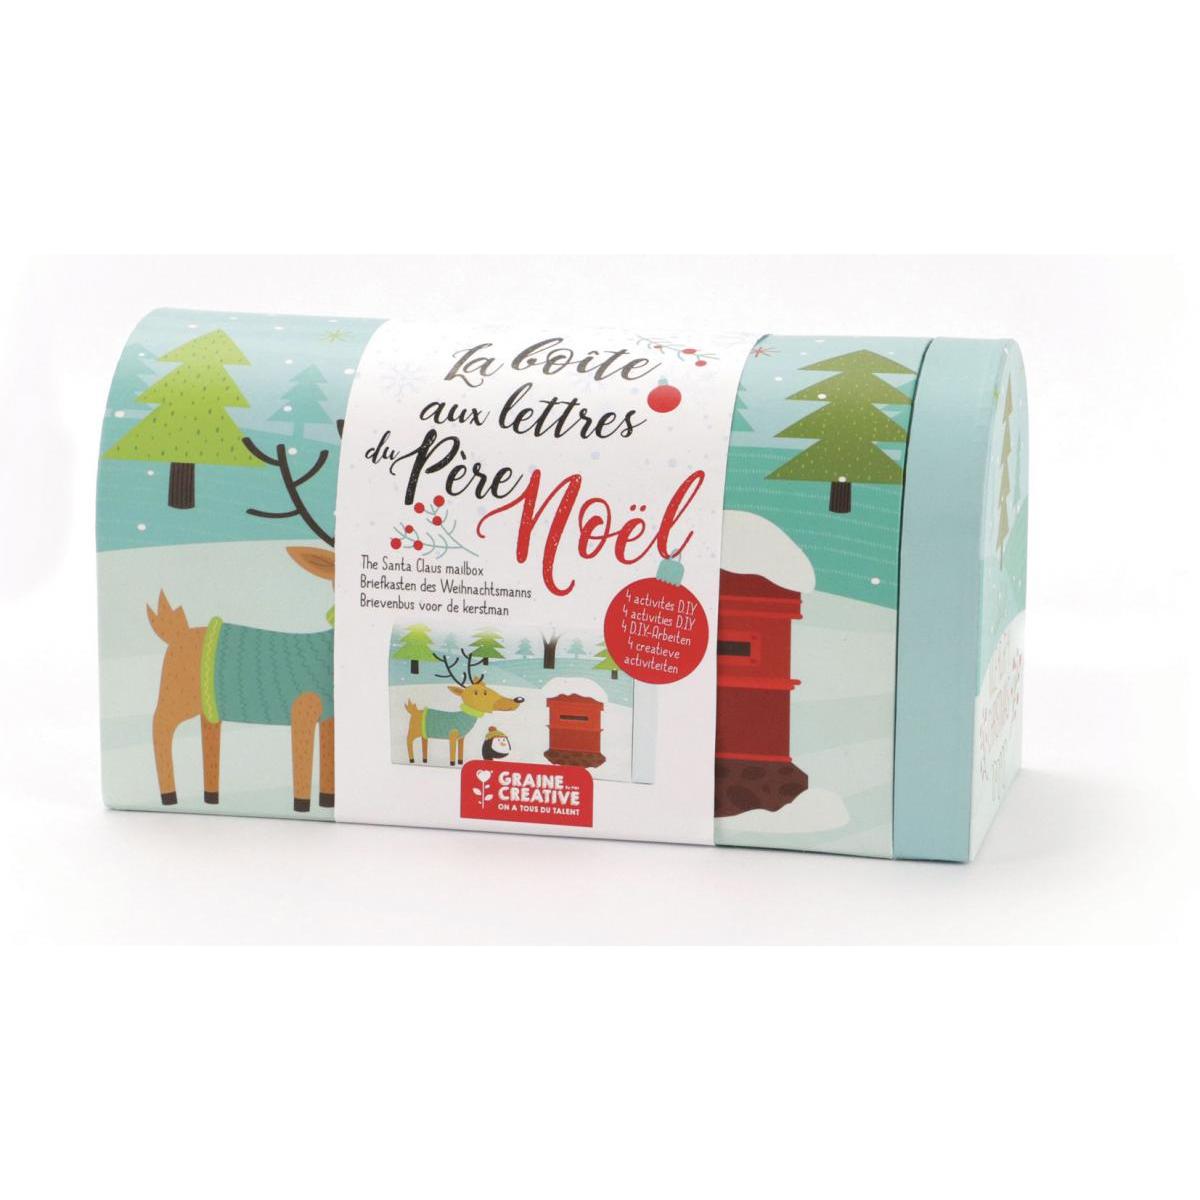 Graine Créative - La boite aux lettres du pere noel